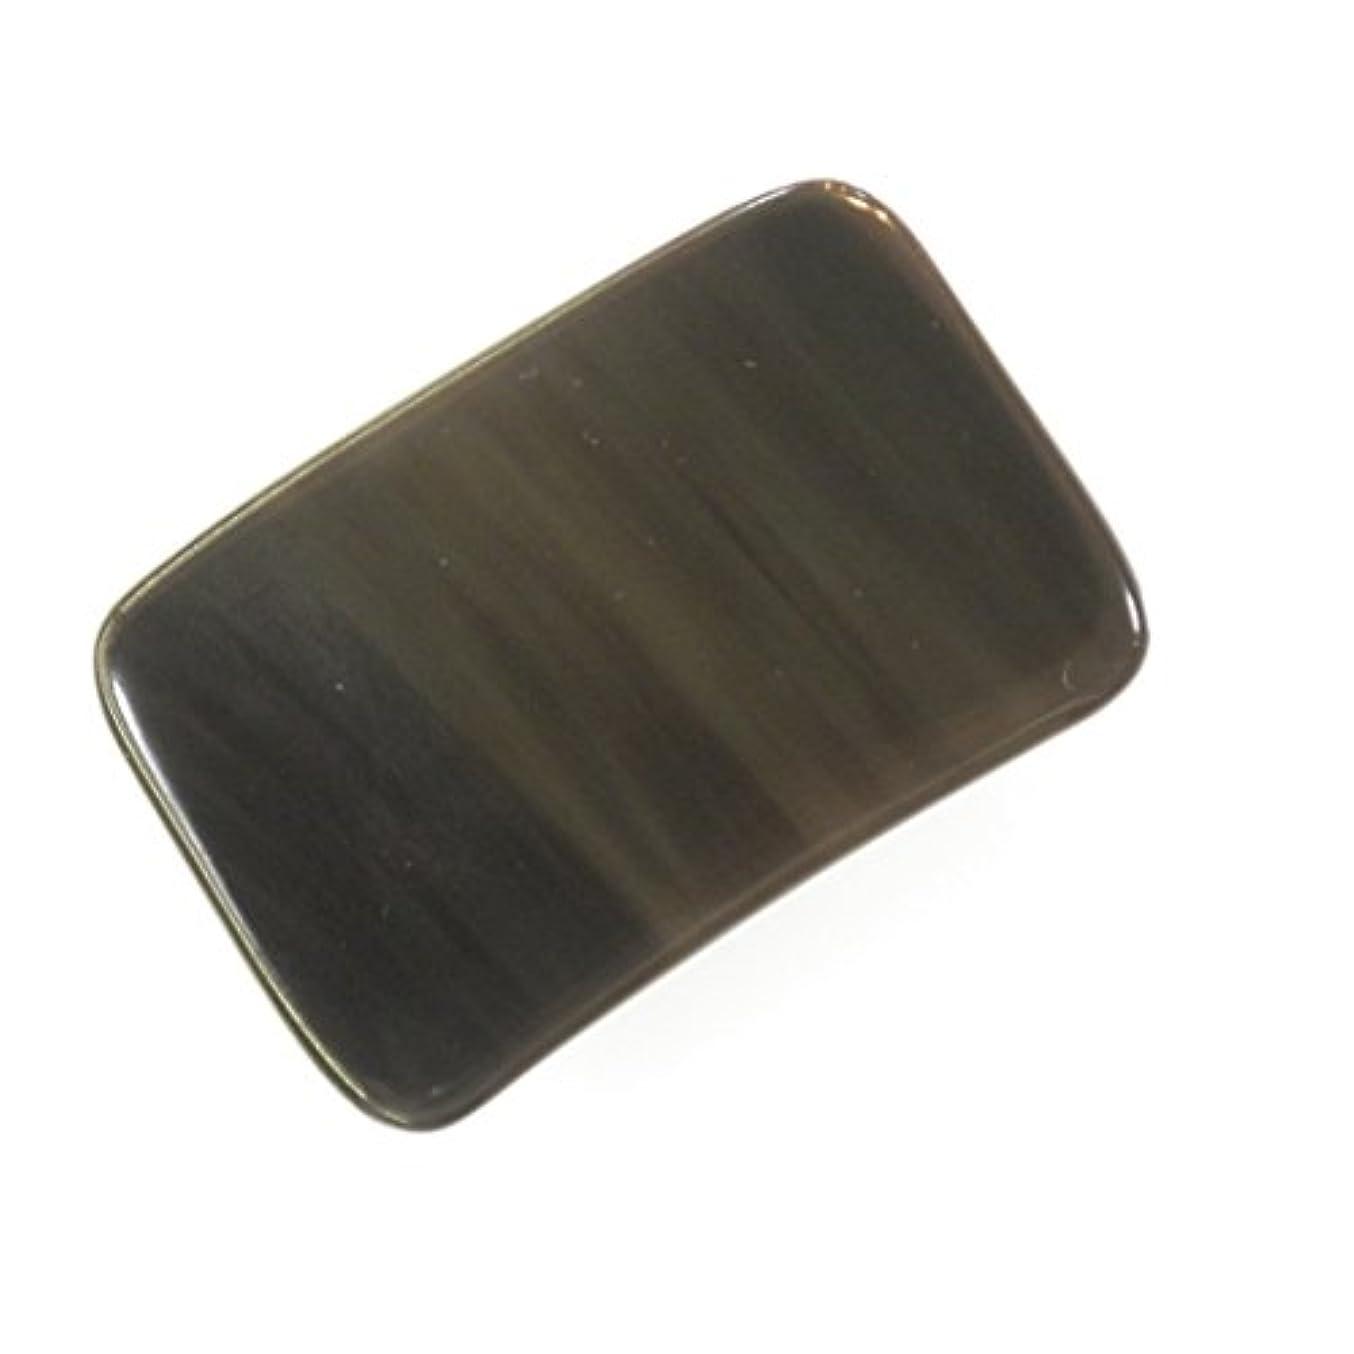 頭印刷するファイルかっさ プレート 厚さが選べる 水牛の角(黒水牛角) EHE214 長方形小 一般品 標準(6ミリ程度)